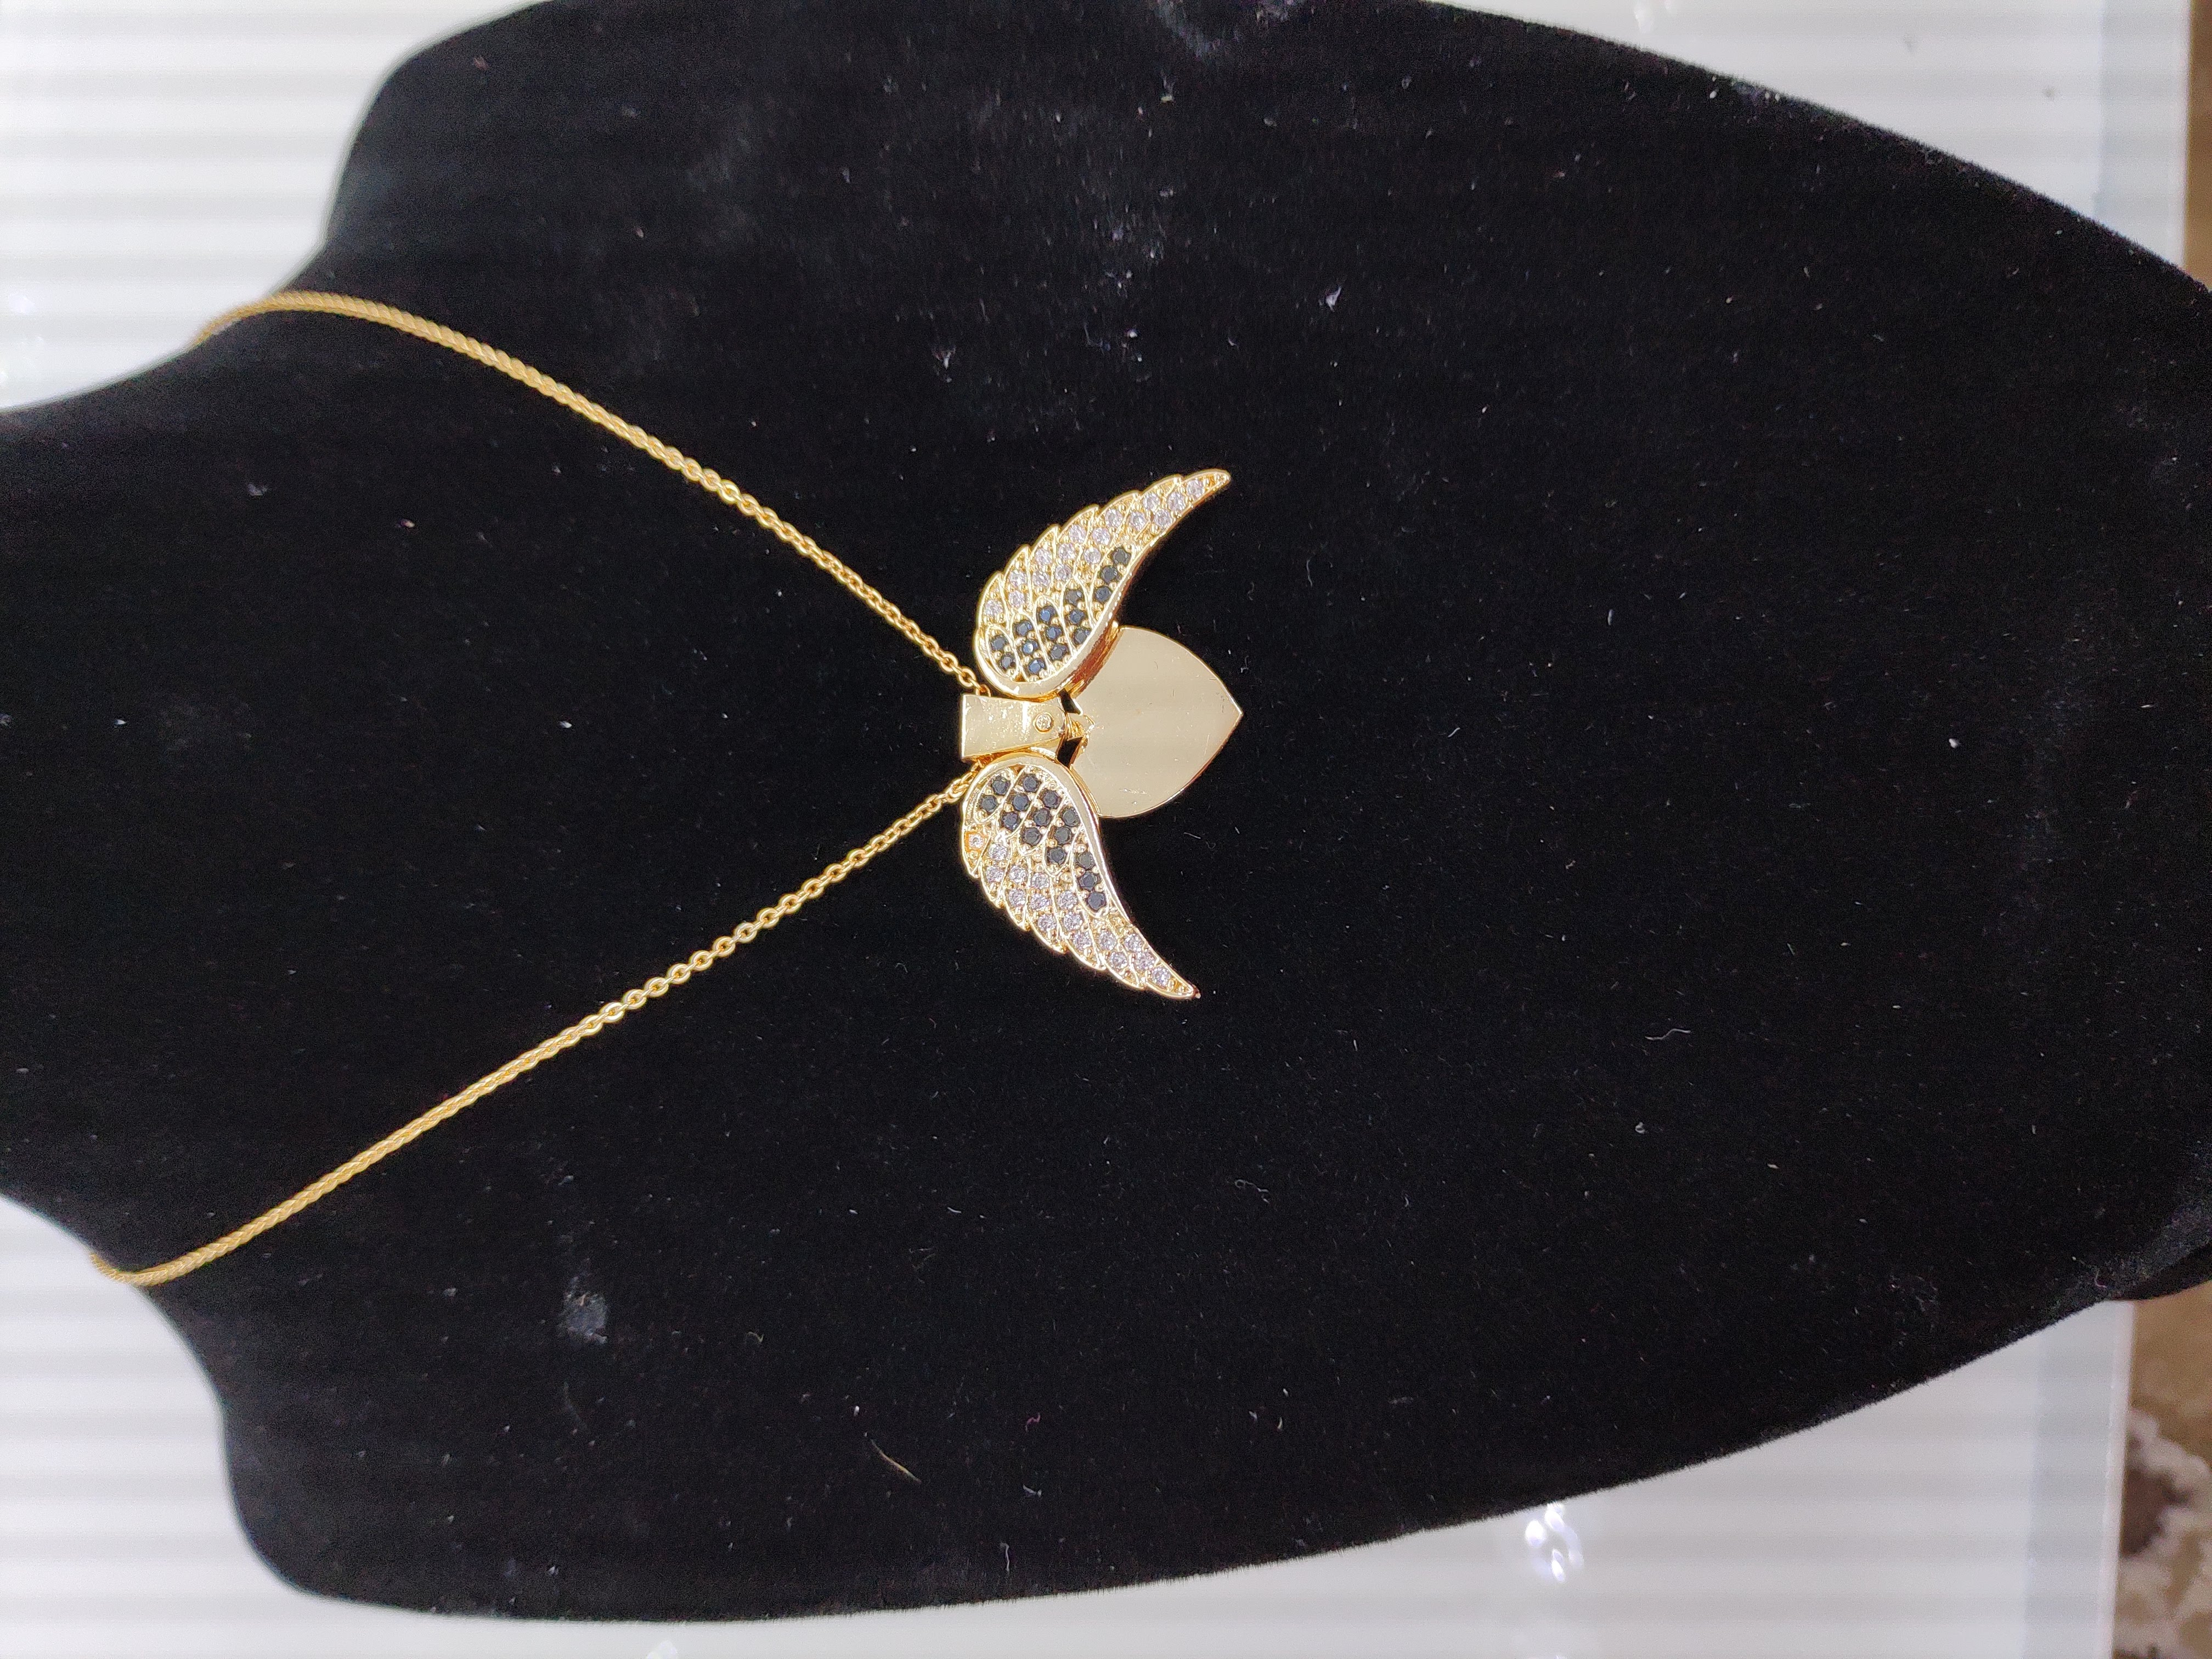 قلادة مطلية بالذهب مع الزركون الممتاز. لا يسبب الحساسية ، لا تغميق / gold plated necklace with premium zircon. does not cause allergies, does not darken